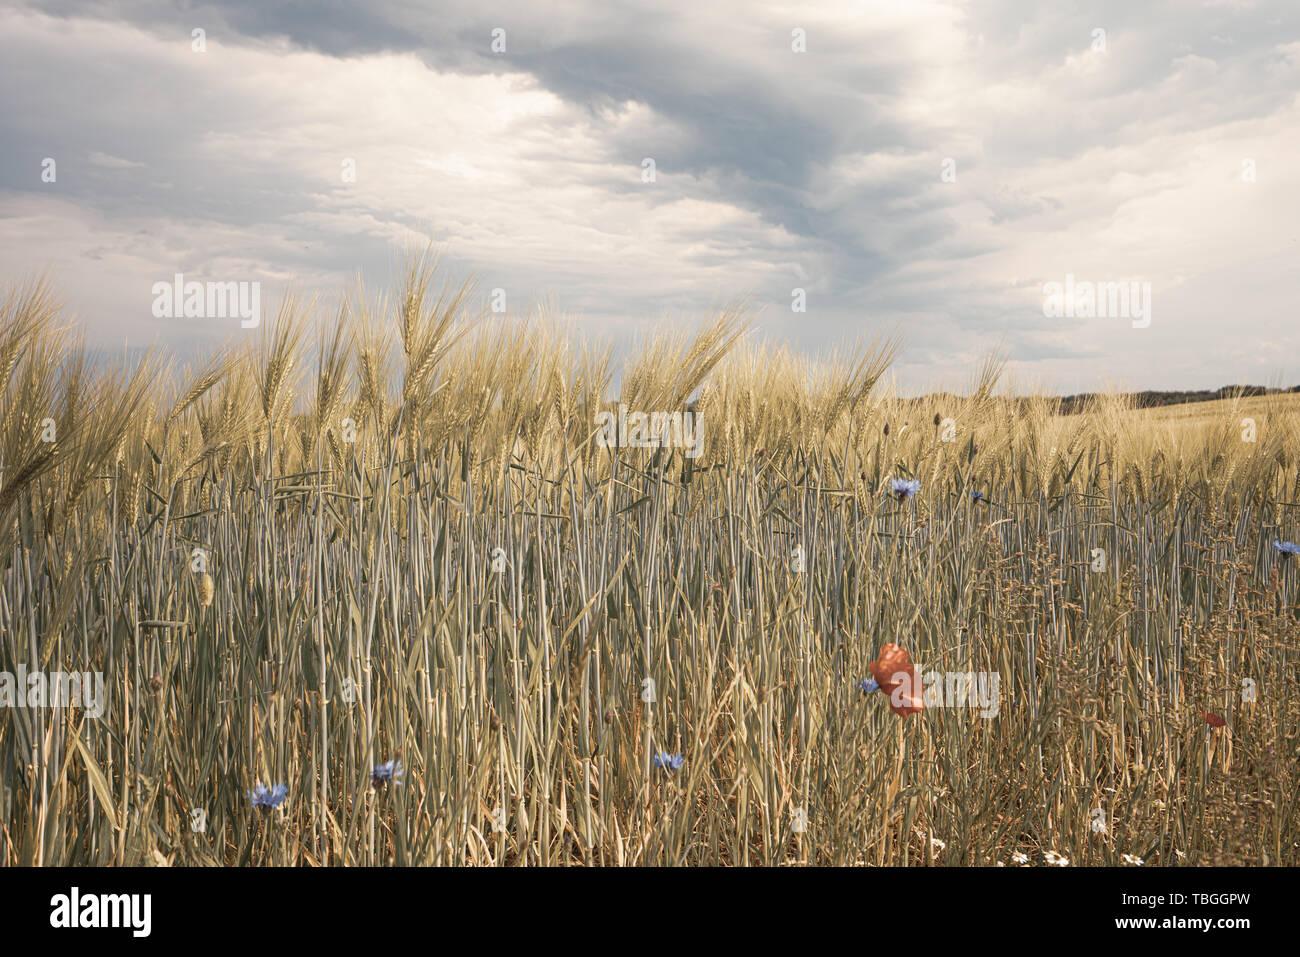 Dunkle Gewitterwolken ziehen über grüne Felder und rote Mohnsamen im Vordergrund hinweg Stockfoto